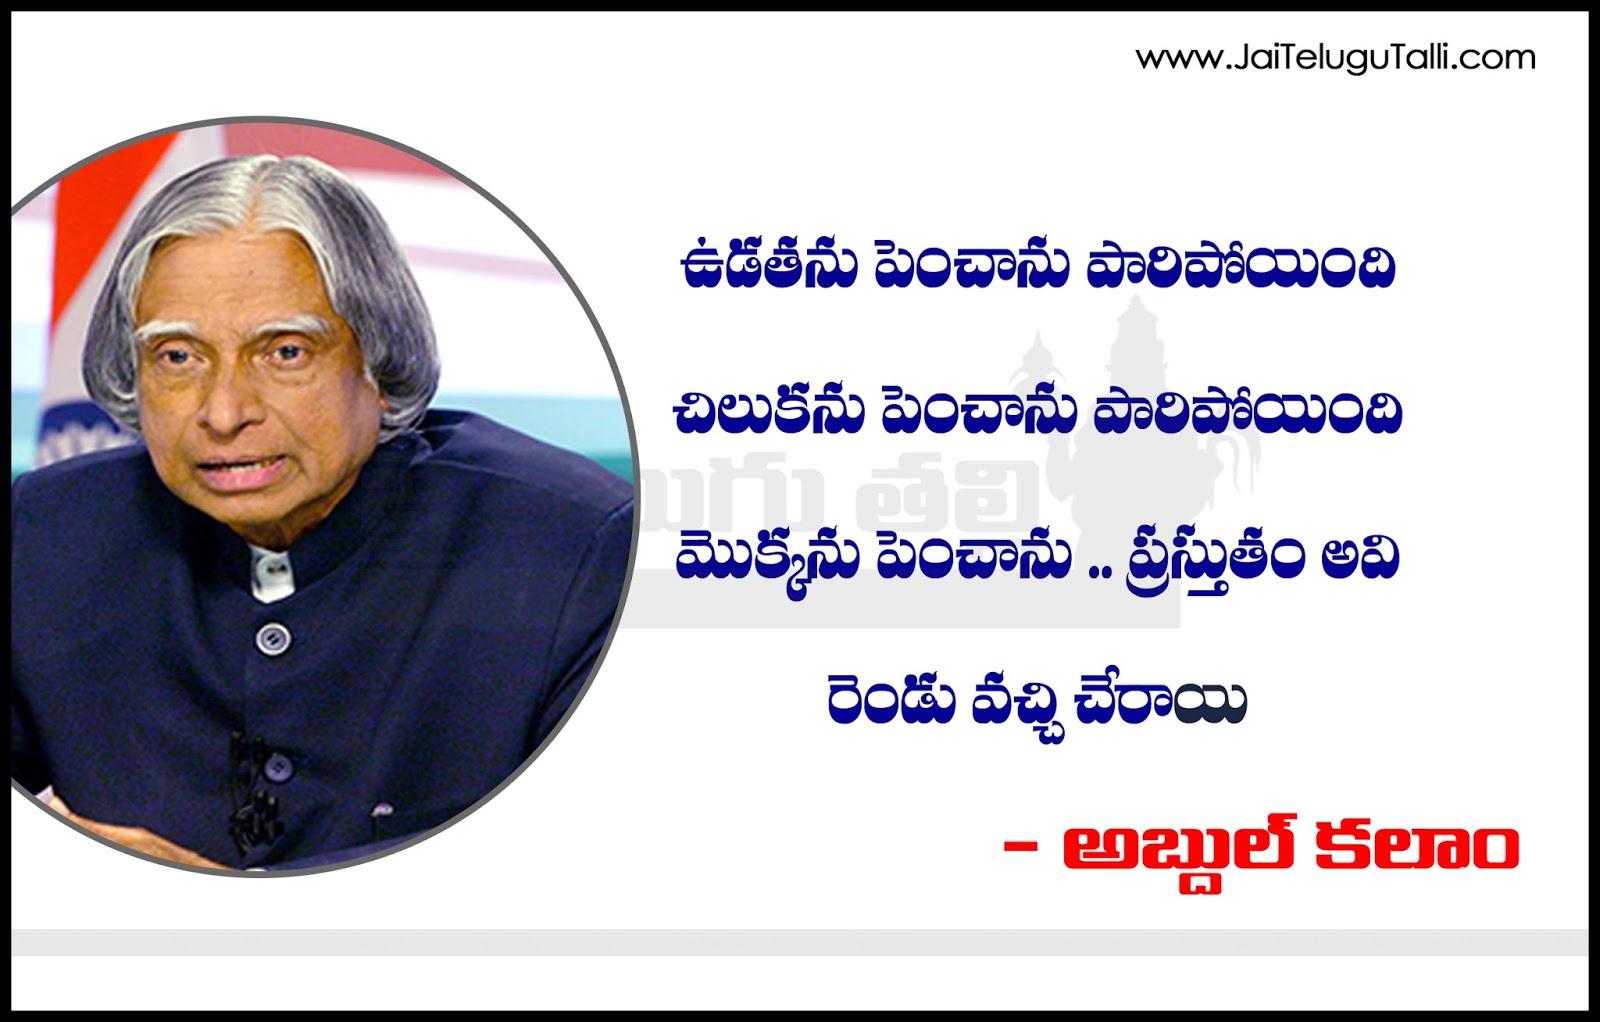 Abdul Kalam Quotes In Telugu With Images Www Jaitelugutalli Com